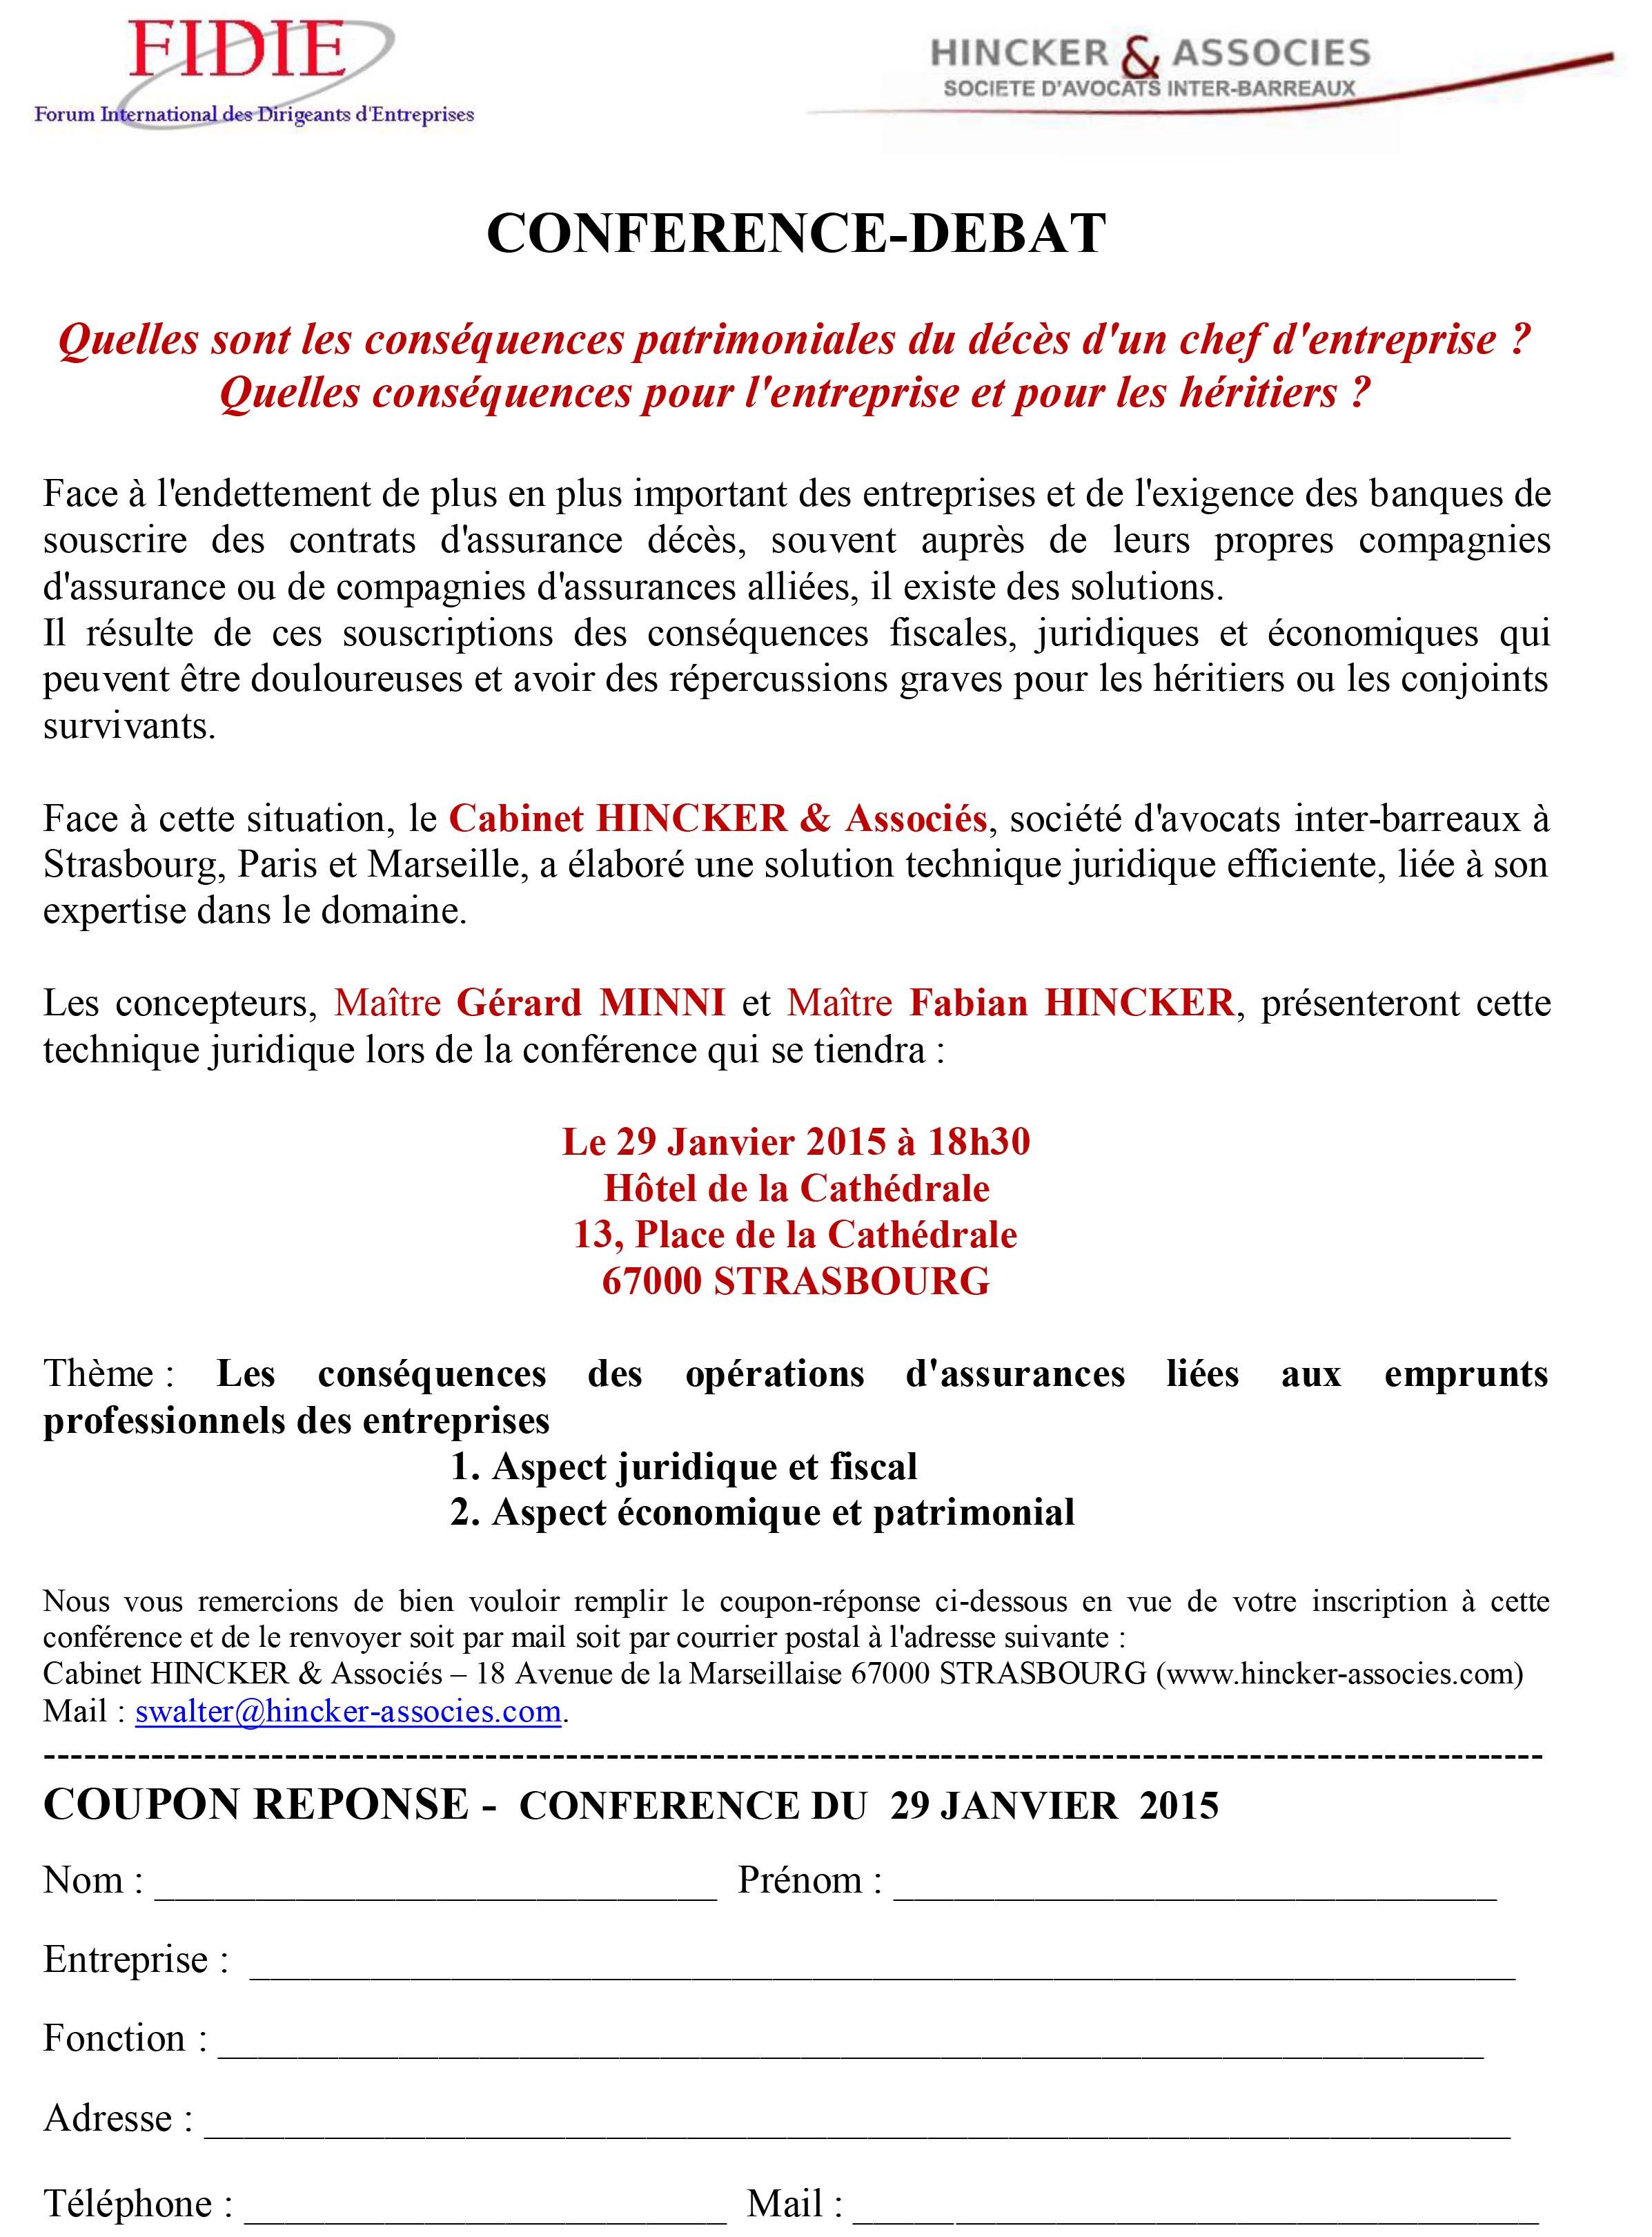 29 Janvier 2015 – Conférence-débat : Quelles sont les conséquences patrimoniales du décès d'un chef d'entreprise ? Quelles conséquences pour l'entreprise et pour les héritiers ?